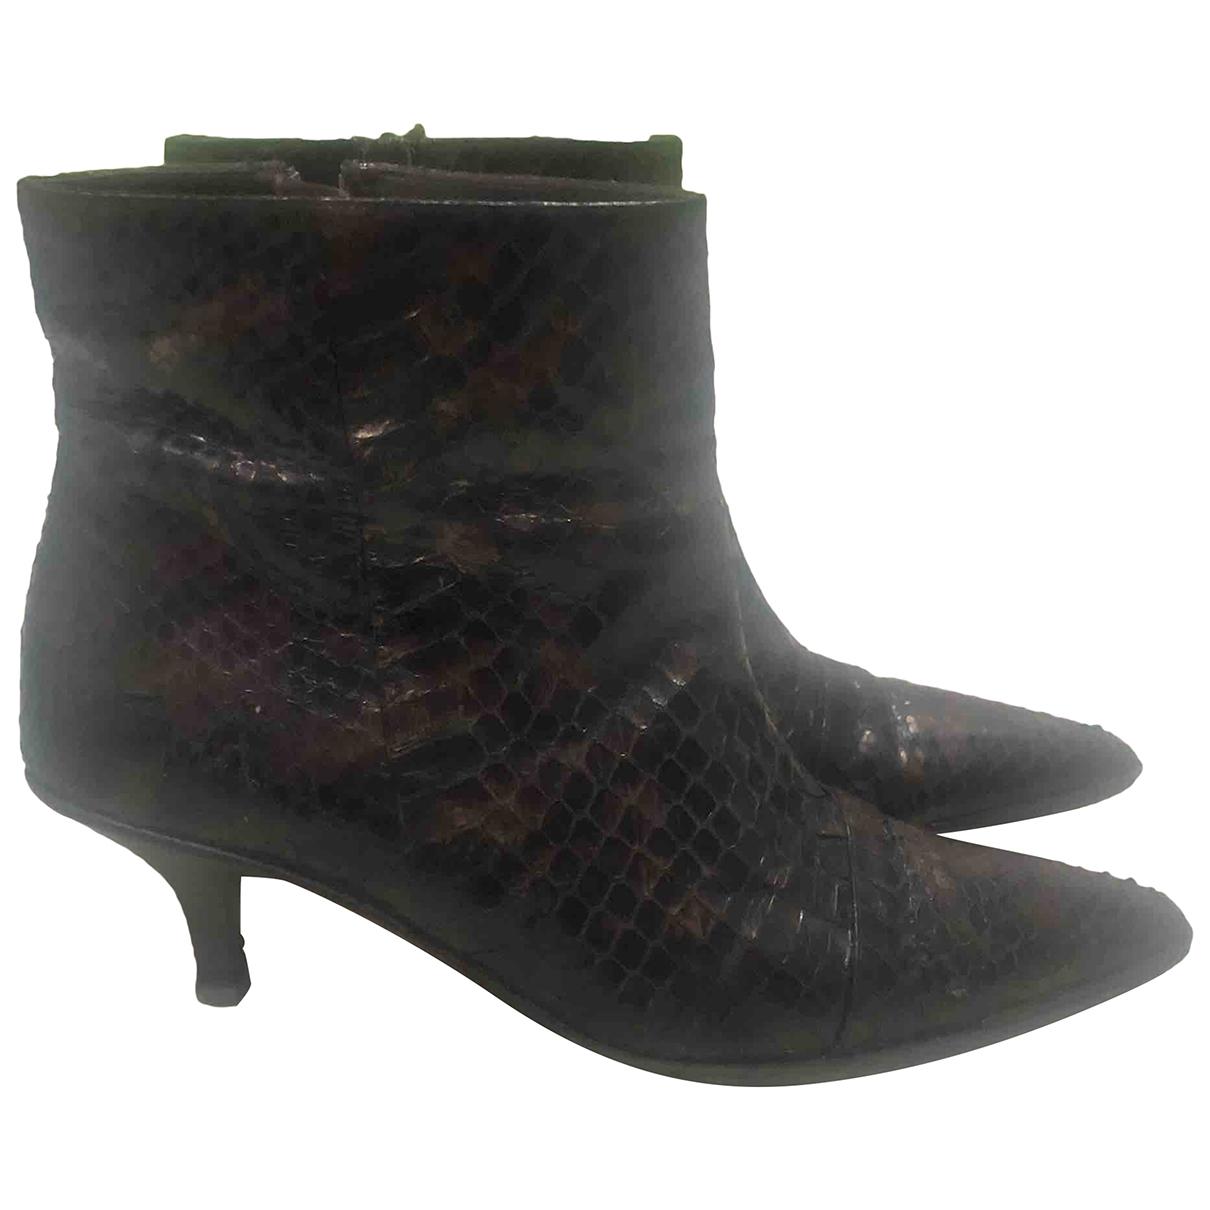 Gucci - Boots   pour femme en python - marron